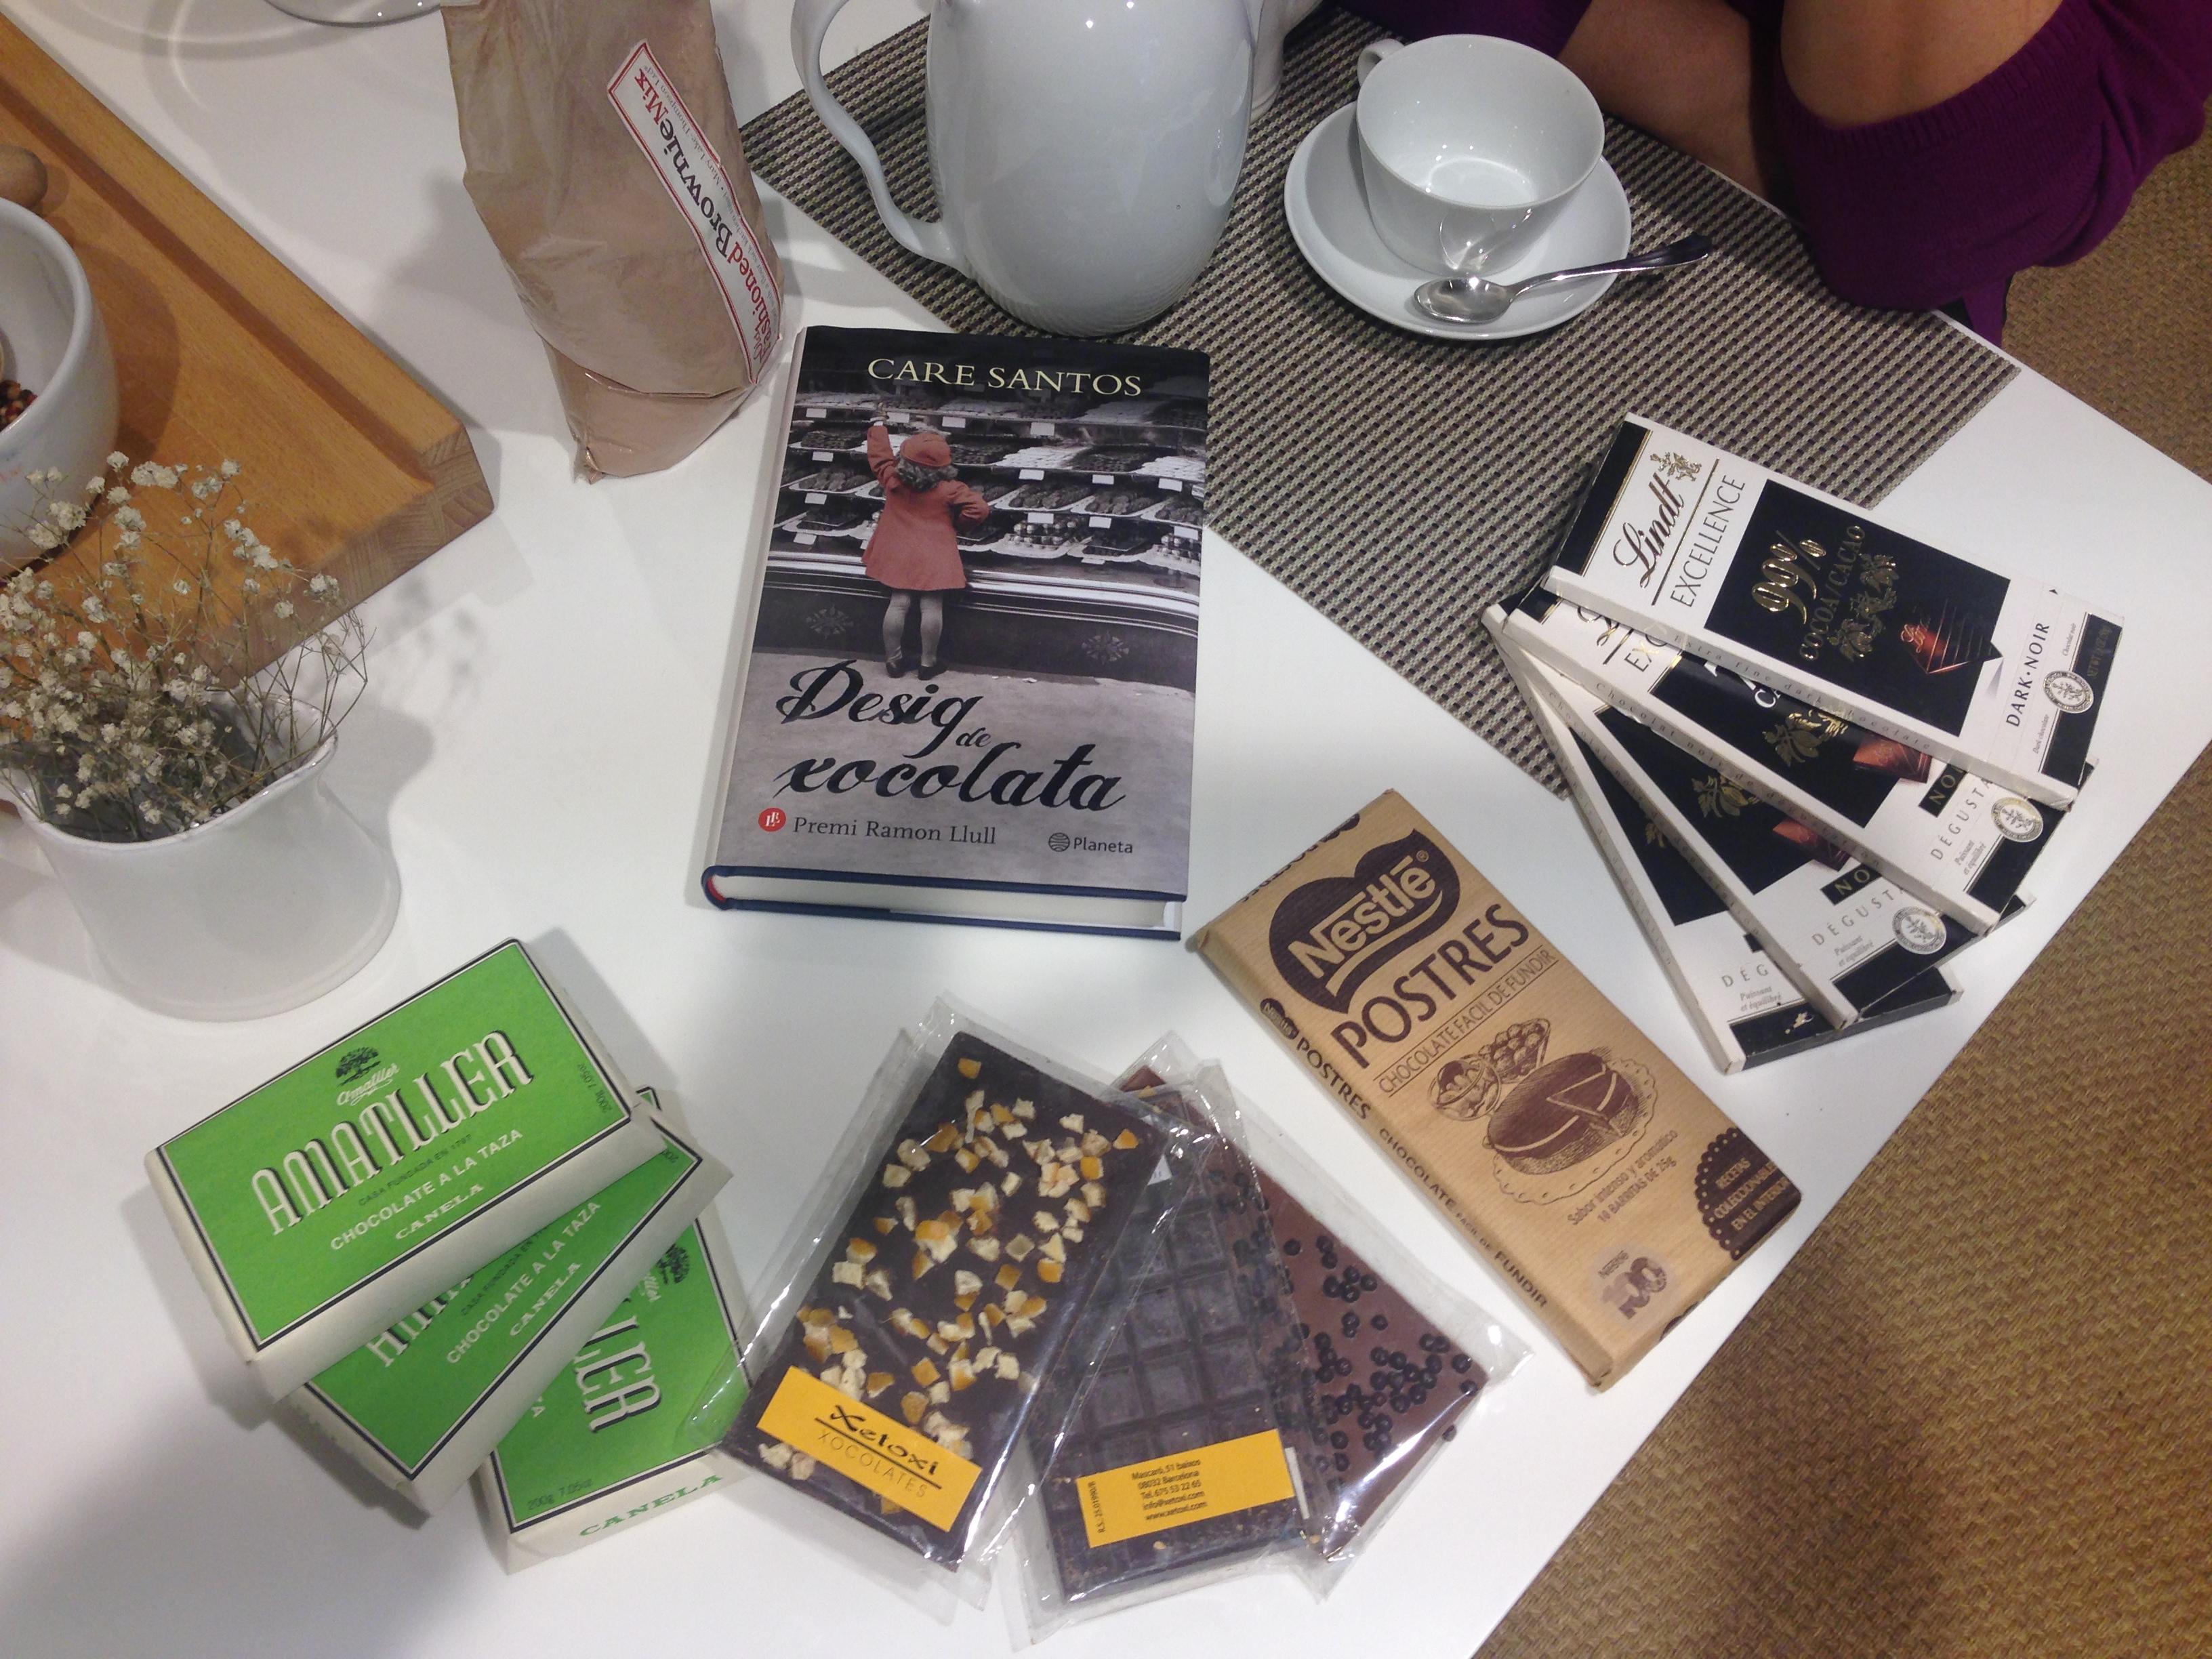 Dessitj de Xocolata